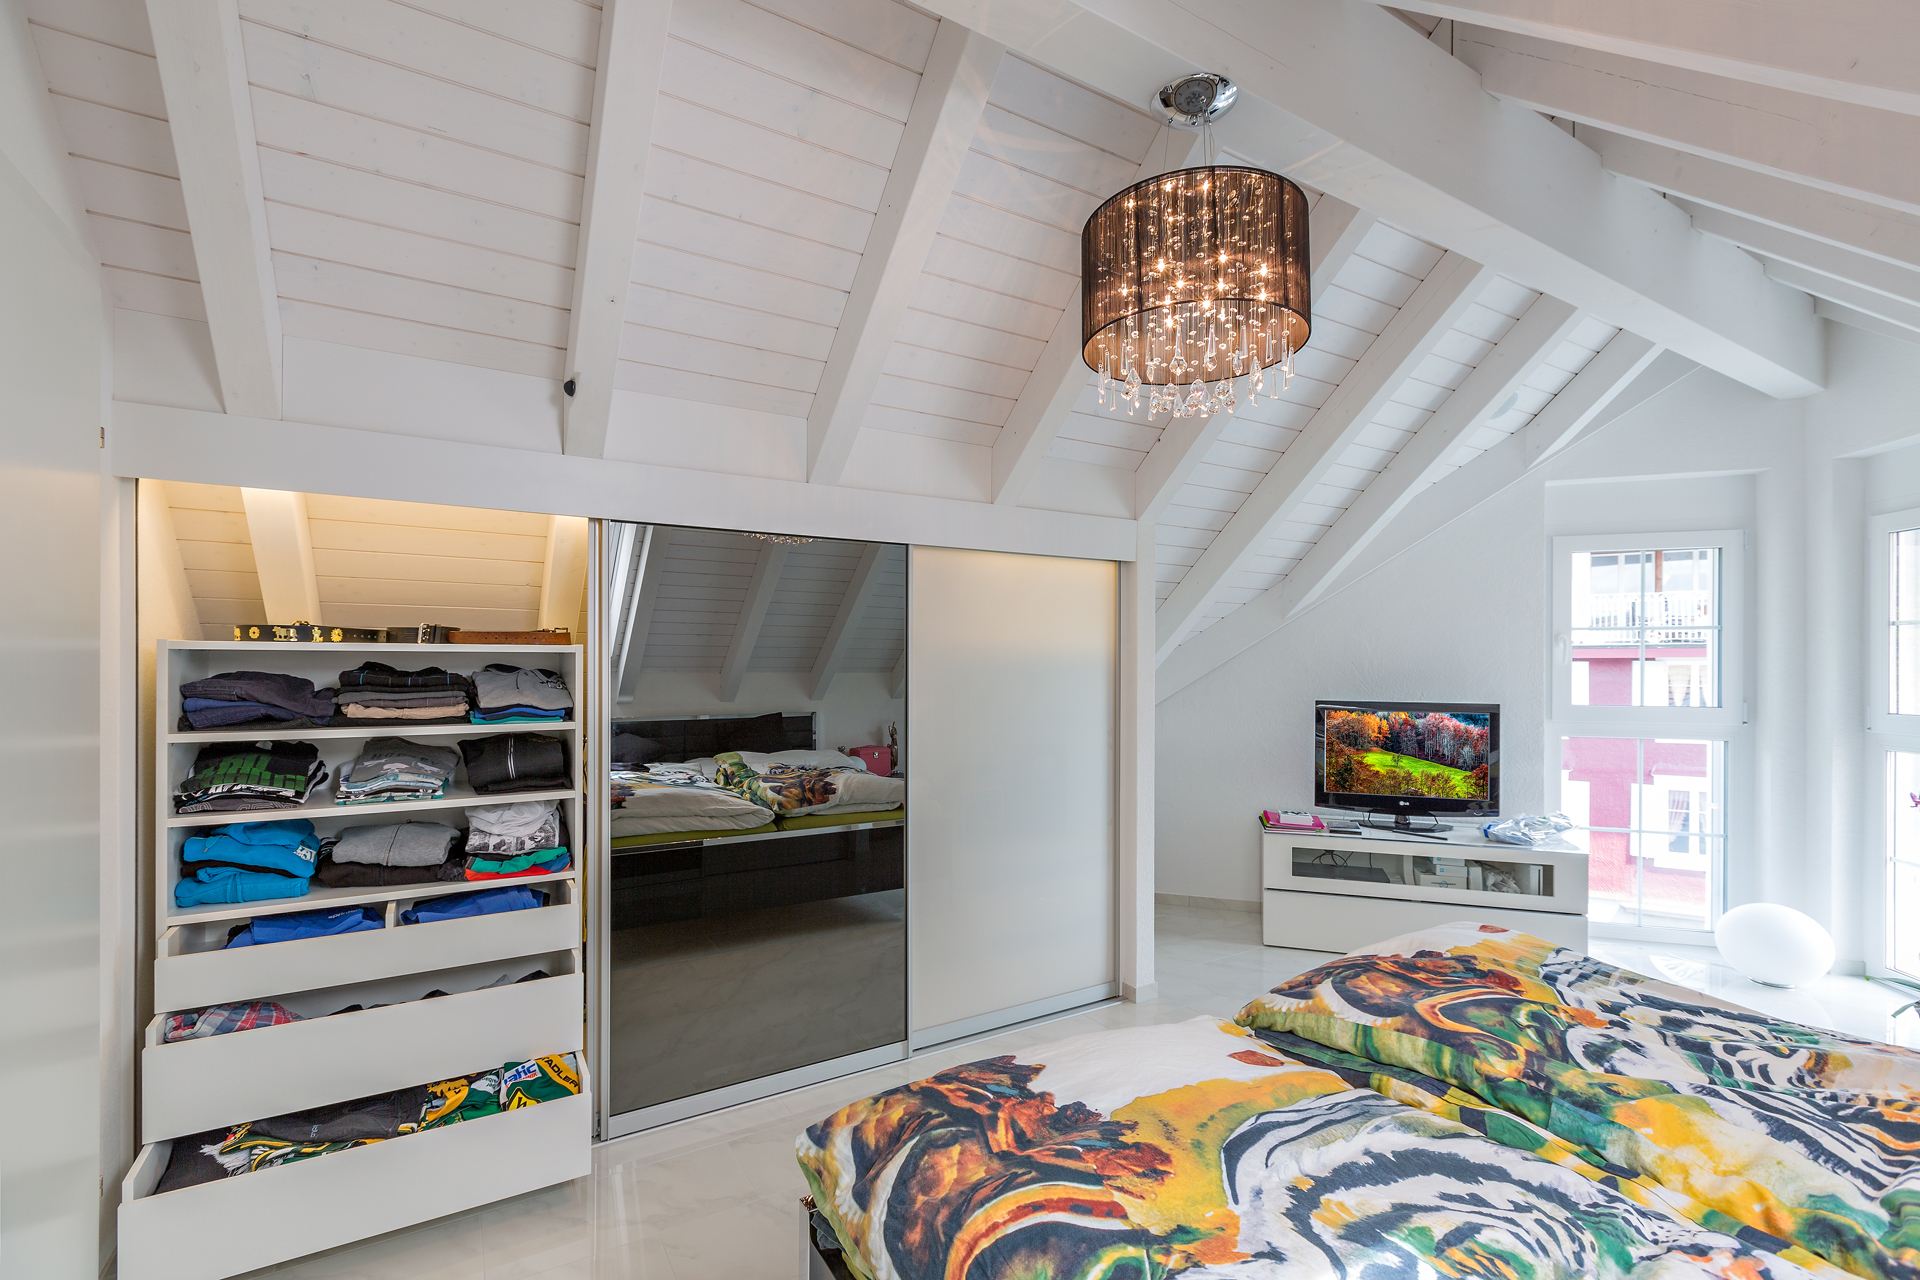 sch ne schrank f r dachschr ge bild erindzain. Black Bedroom Furniture Sets. Home Design Ideas